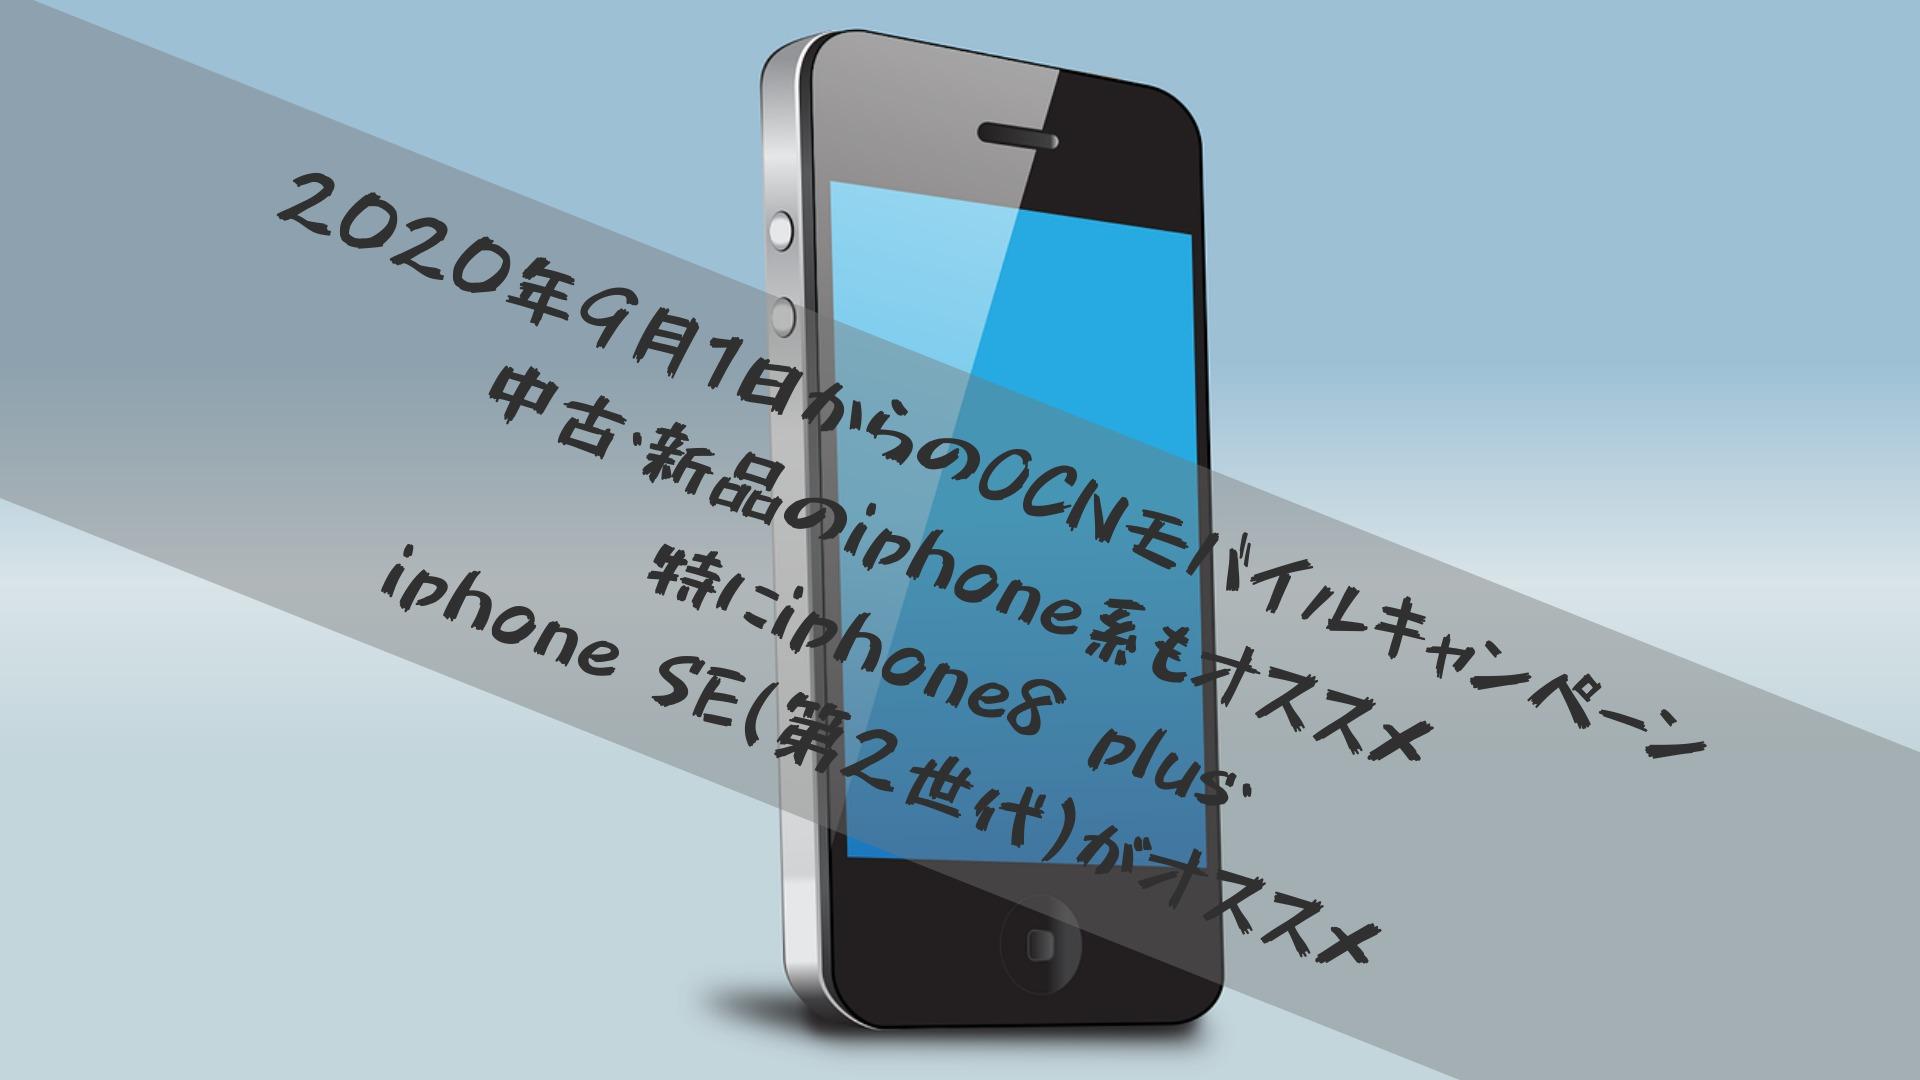 2020年9月1日からのOCNモバイルキャンペーン中古・新品のiphone系もオススメ※特にiphone8 plus・iphone SE(第2世代がオススメ))